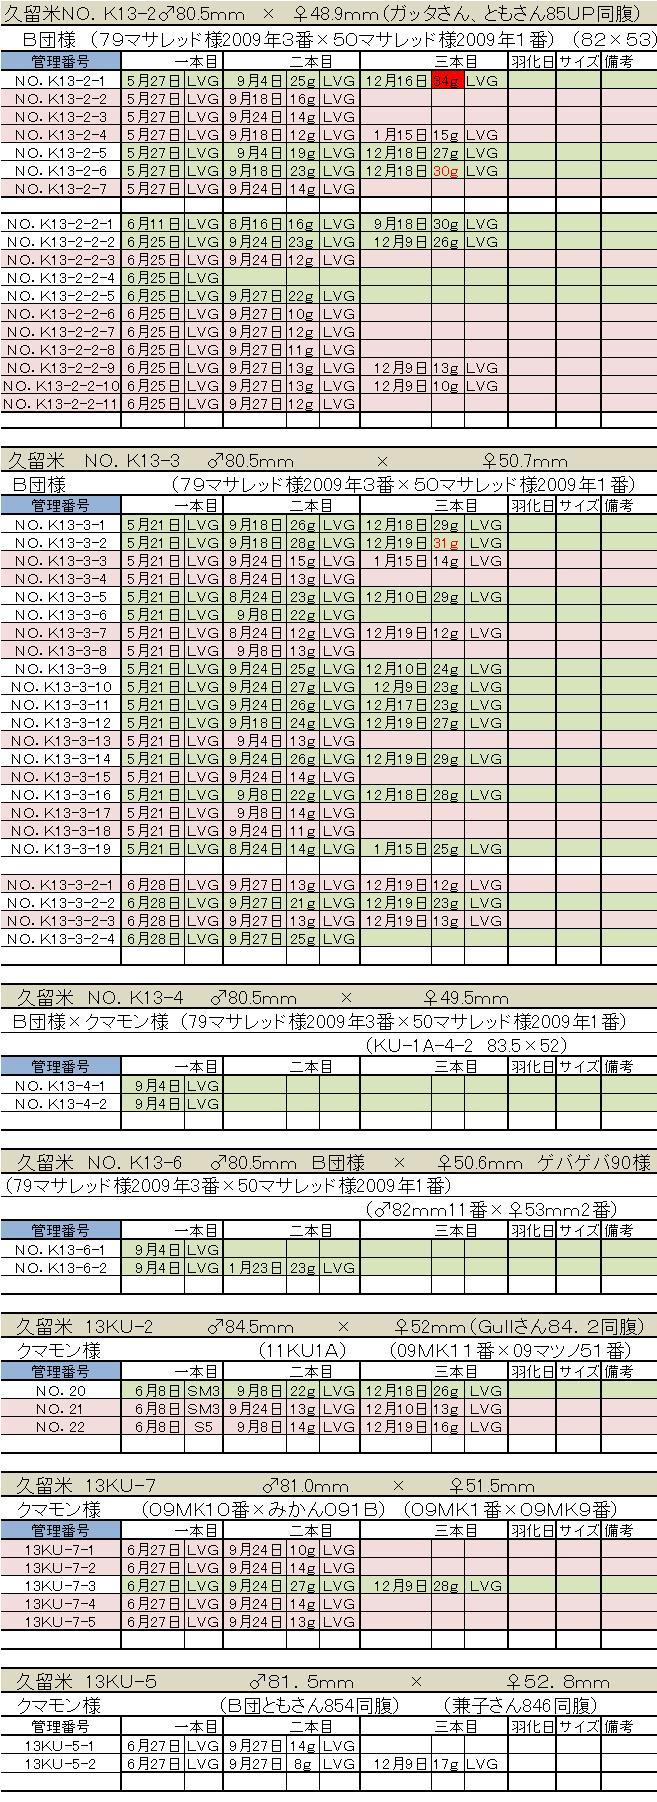 2013久留米